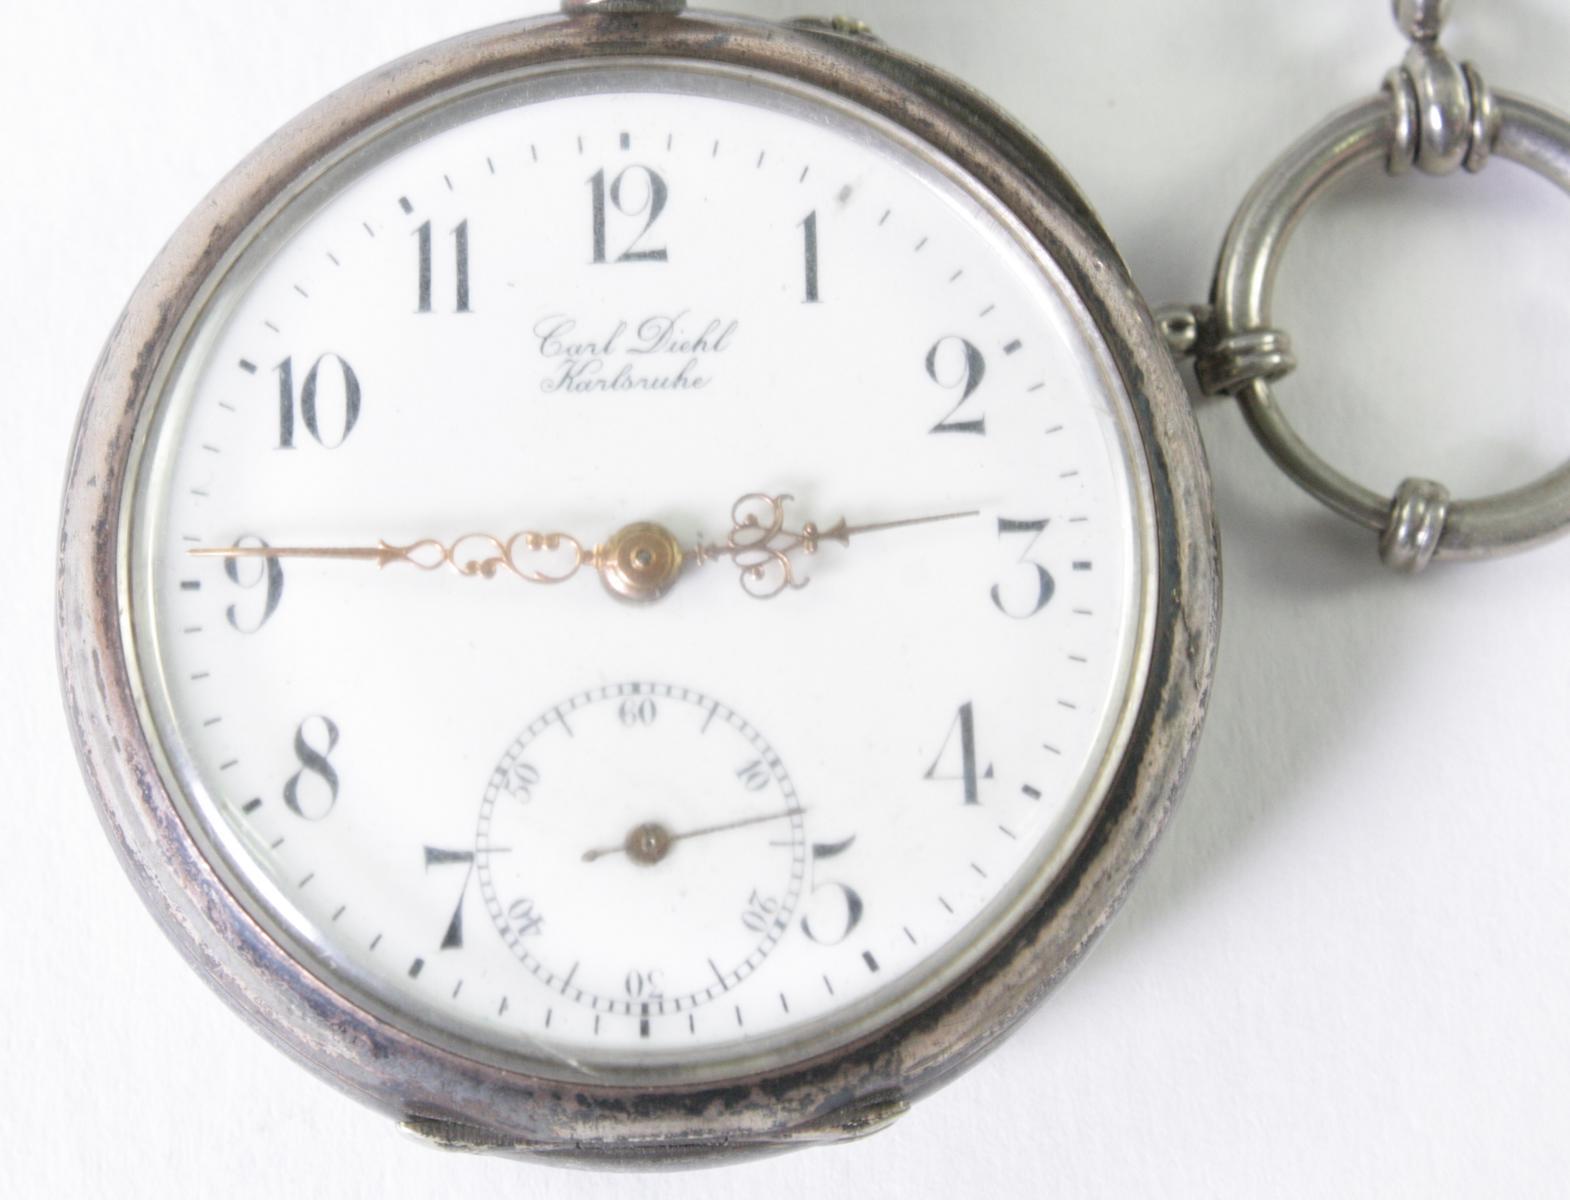 Silberne RHEIN Taschenuhr um 1910-2